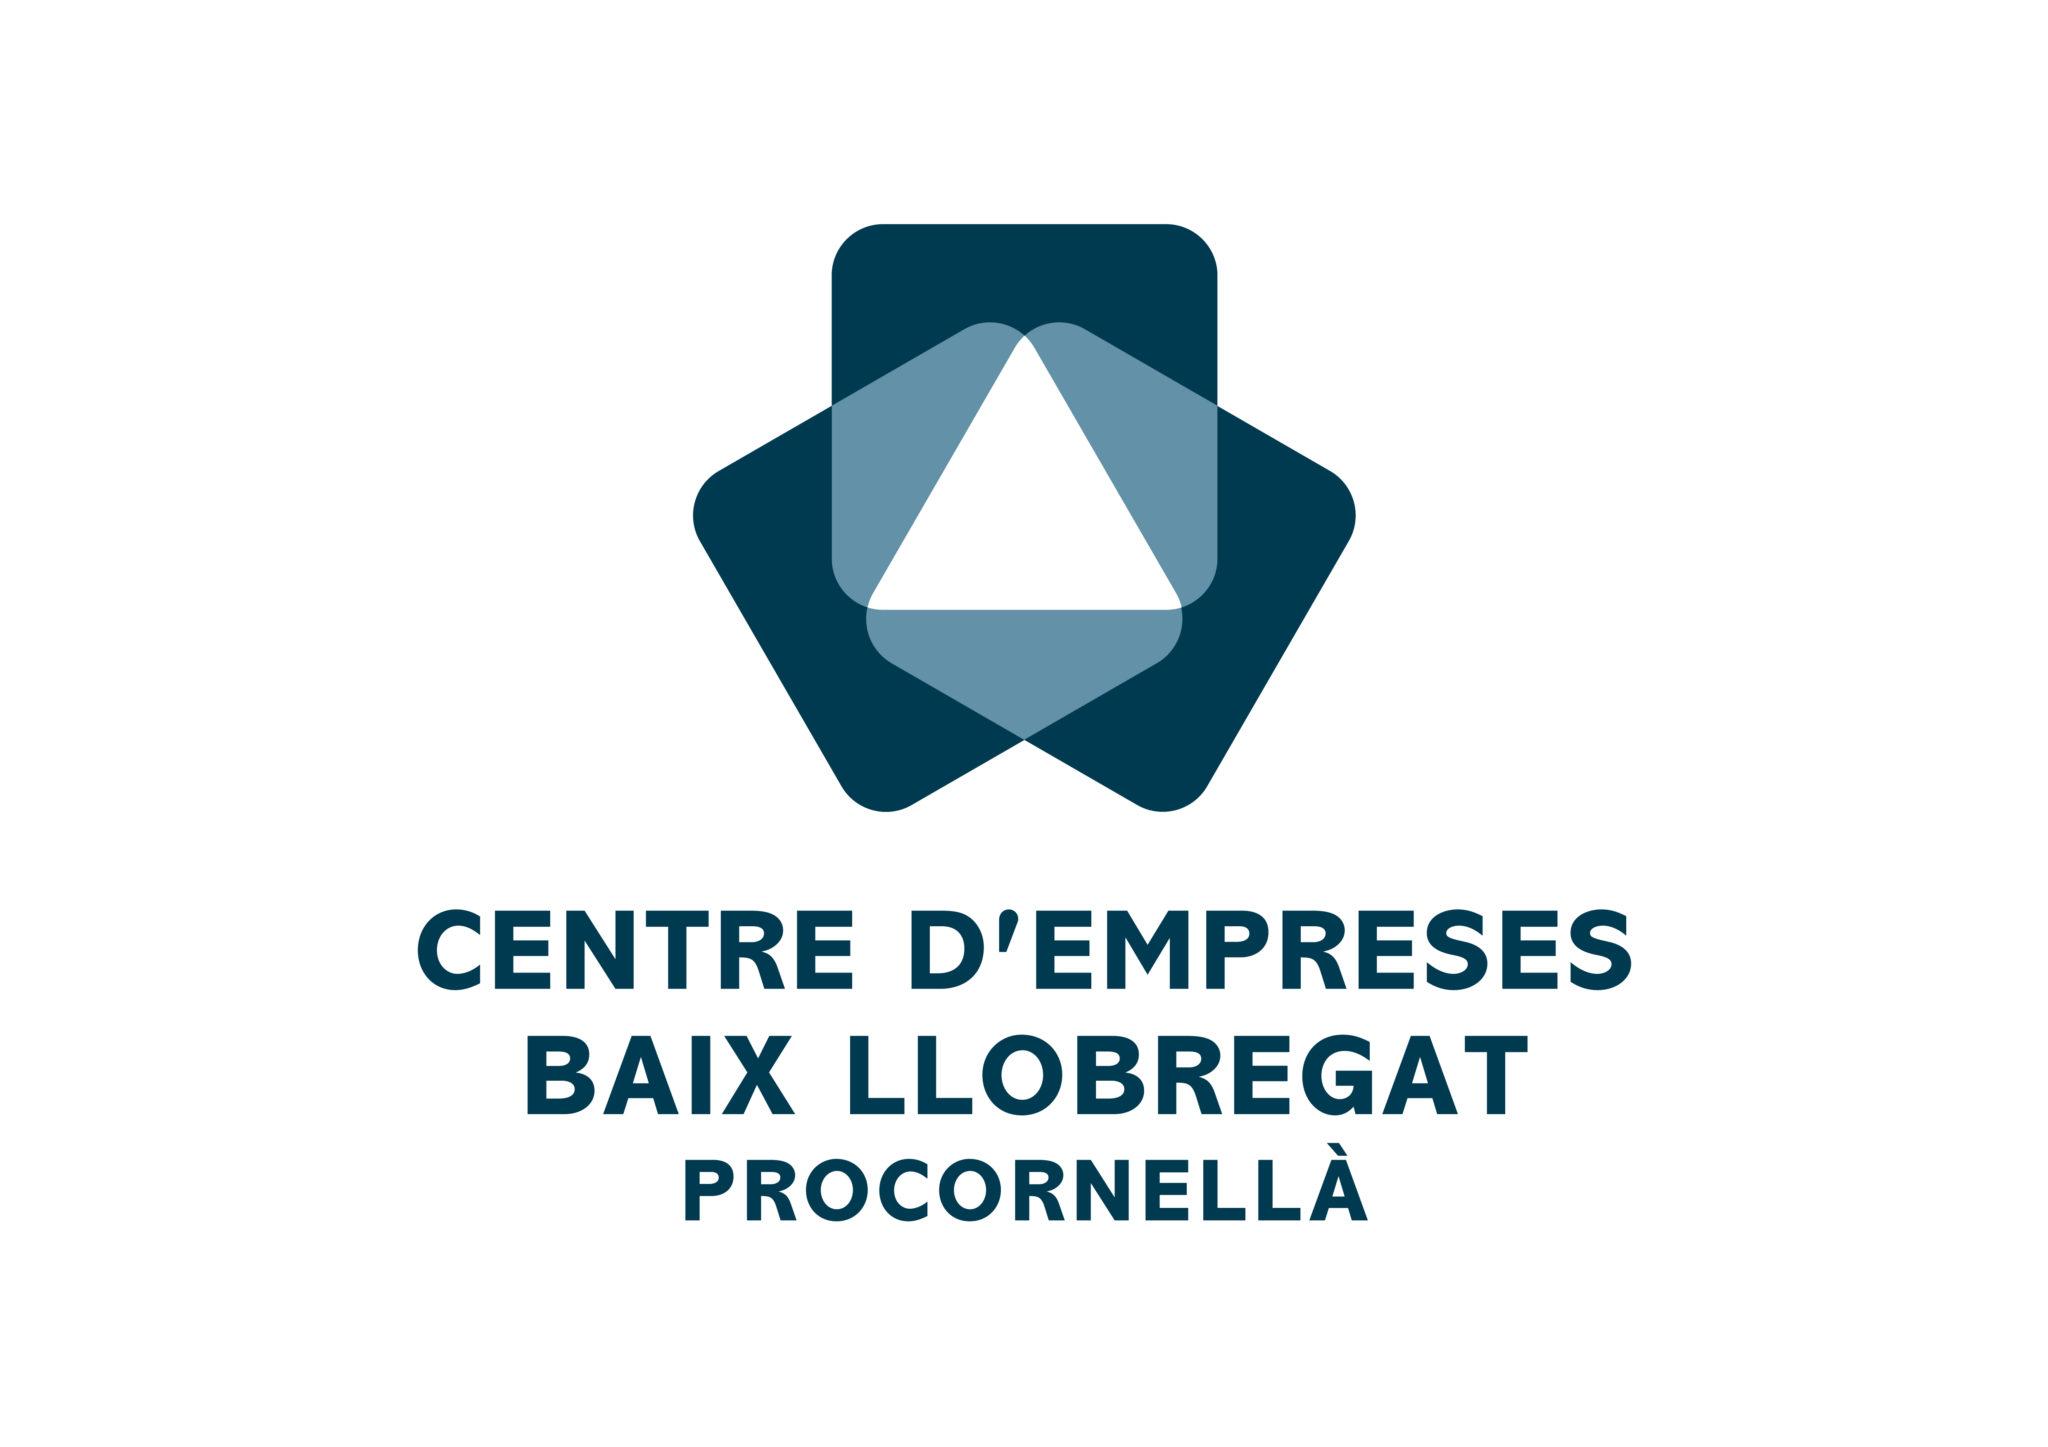 Centre d'empreses Baix Llobregat